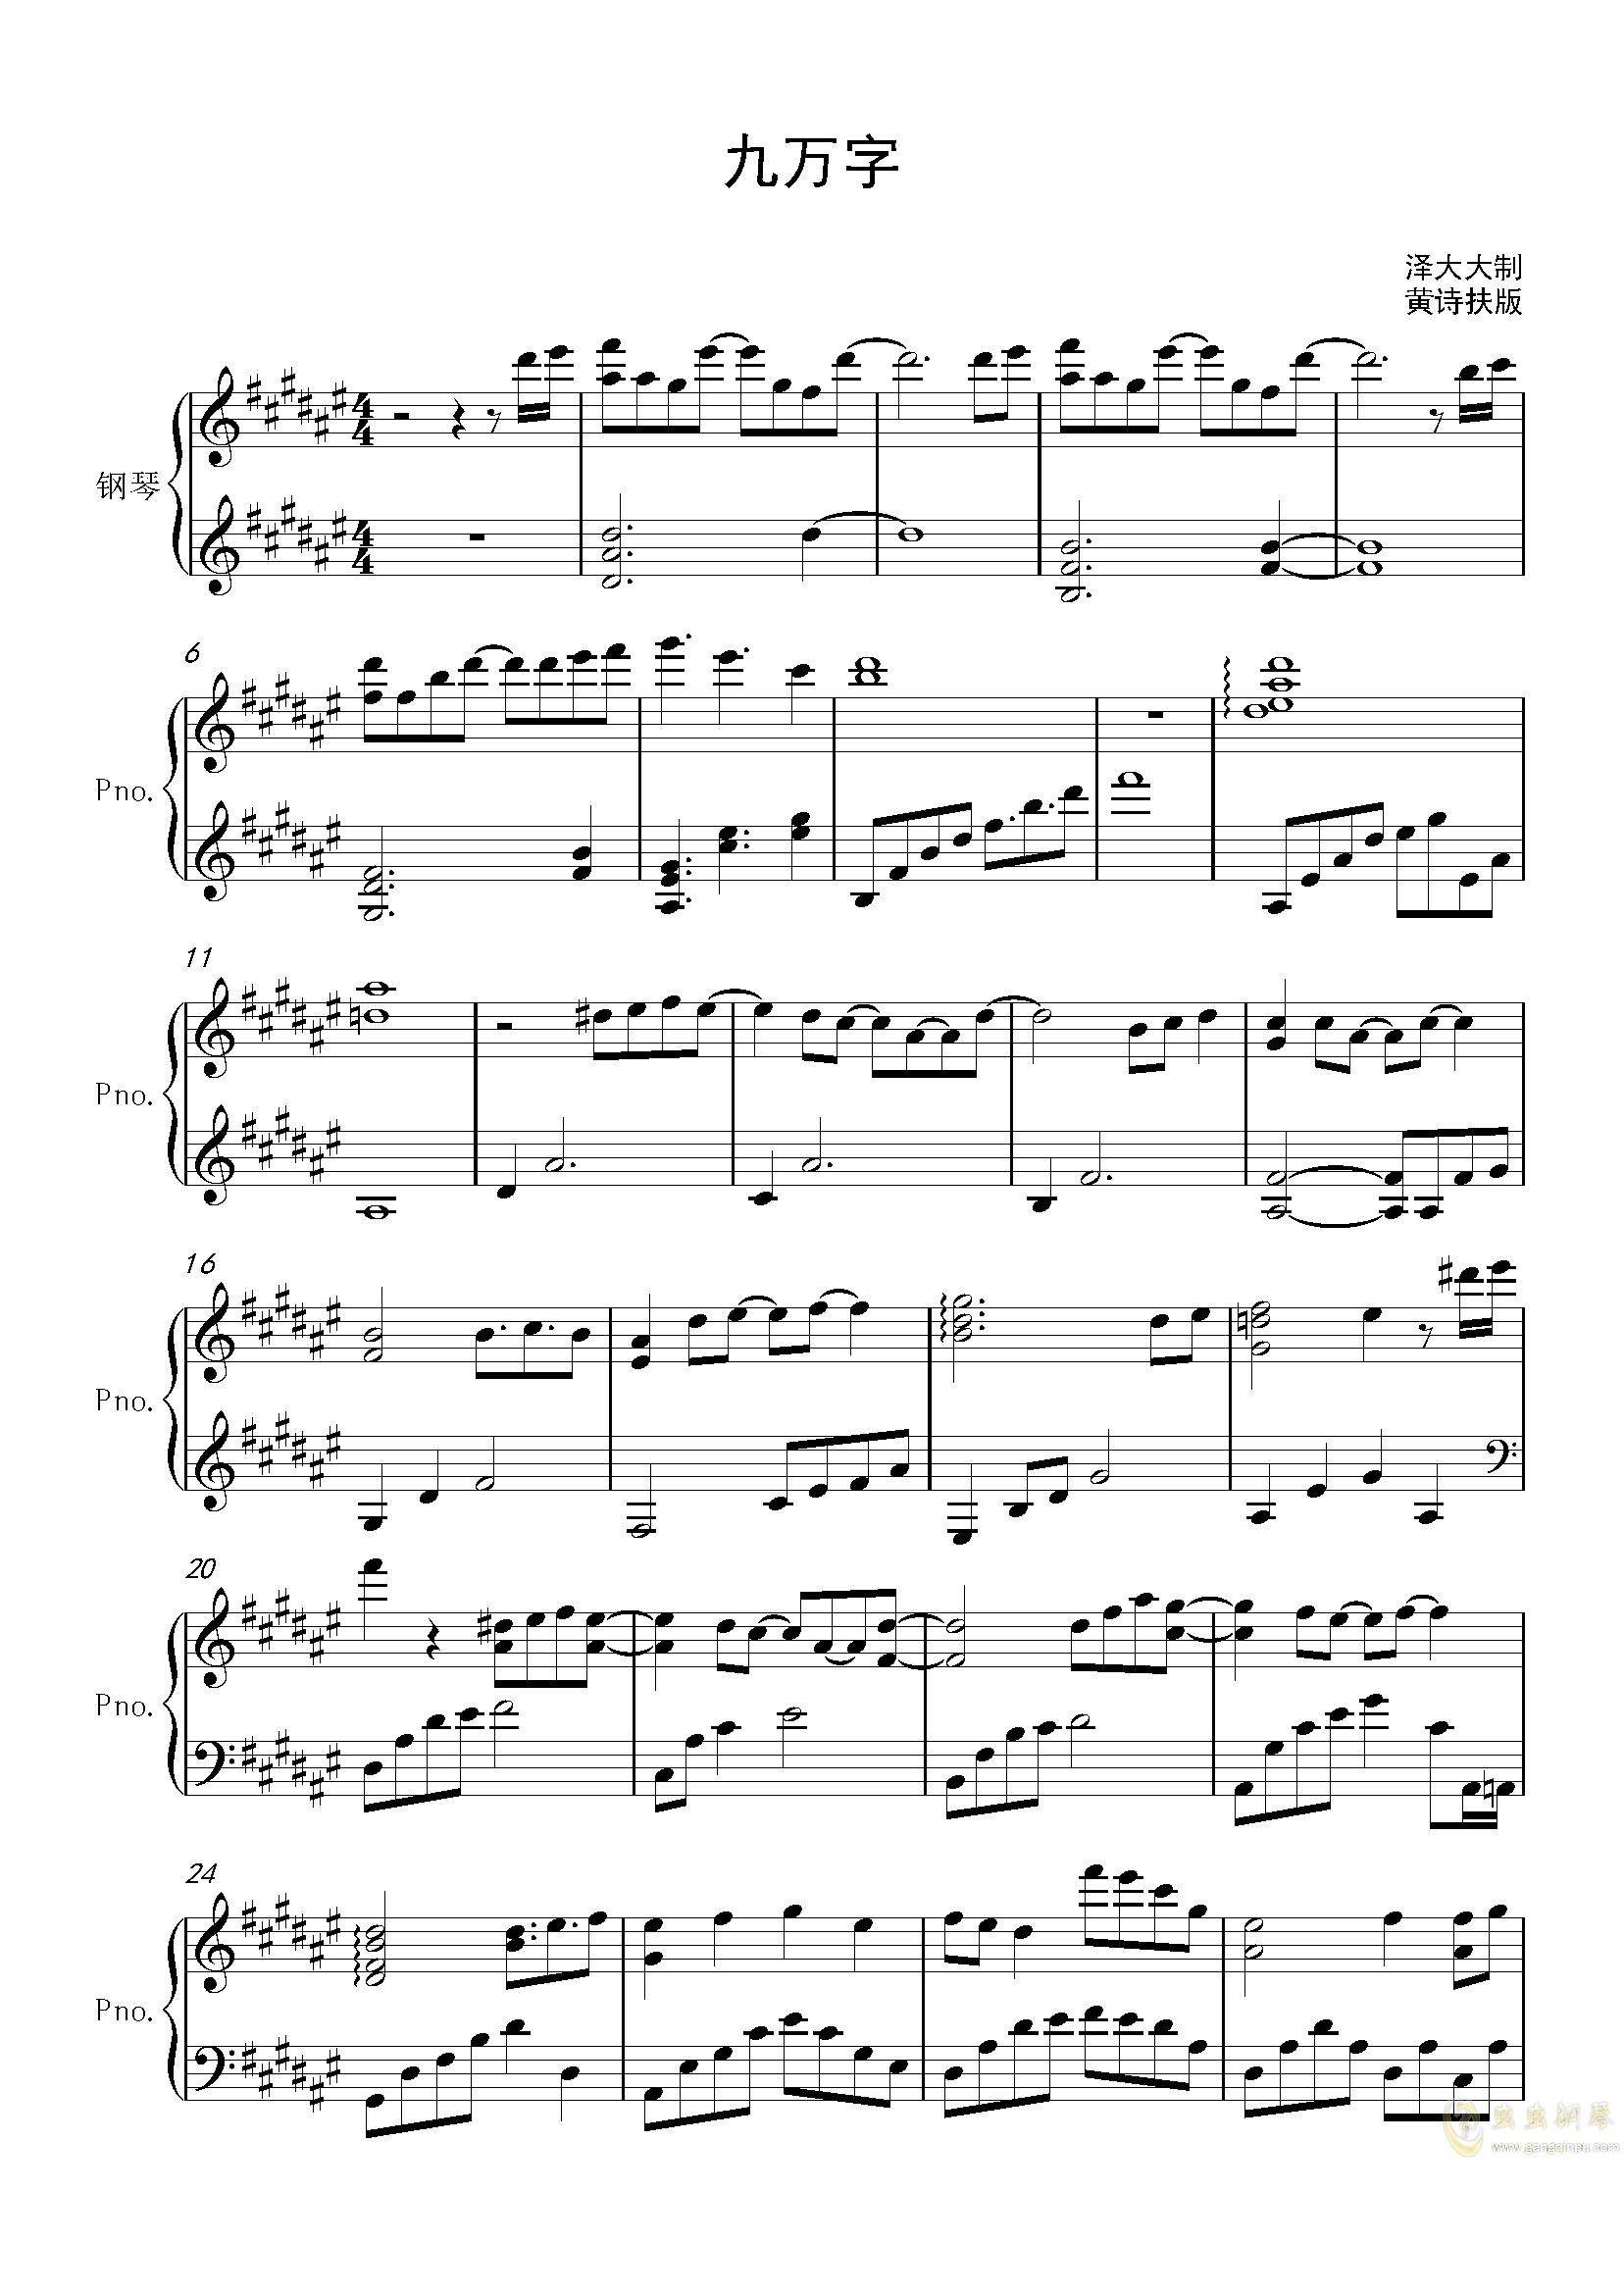 九万字钢琴谱 第1页